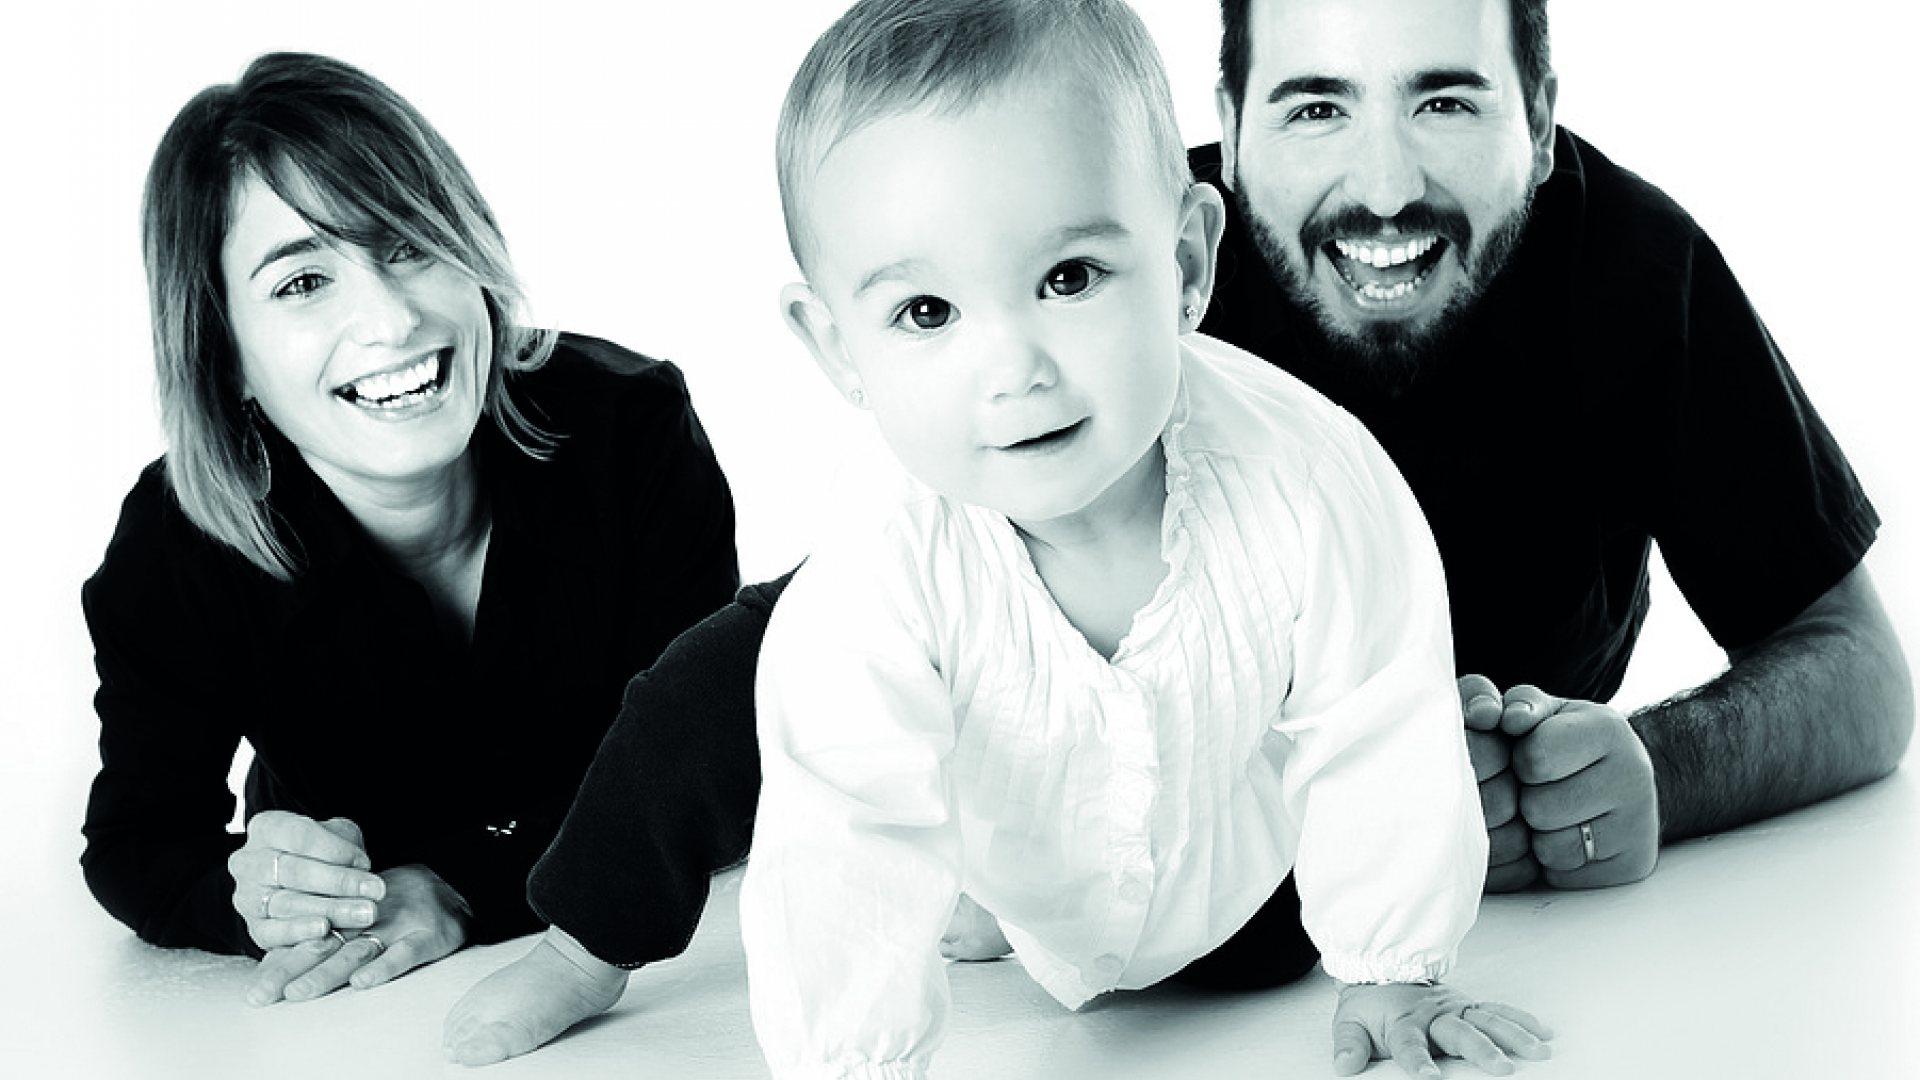 Eltern Sein 2.0 - NEUE WEGE FÜR ELTERN UND KINDER